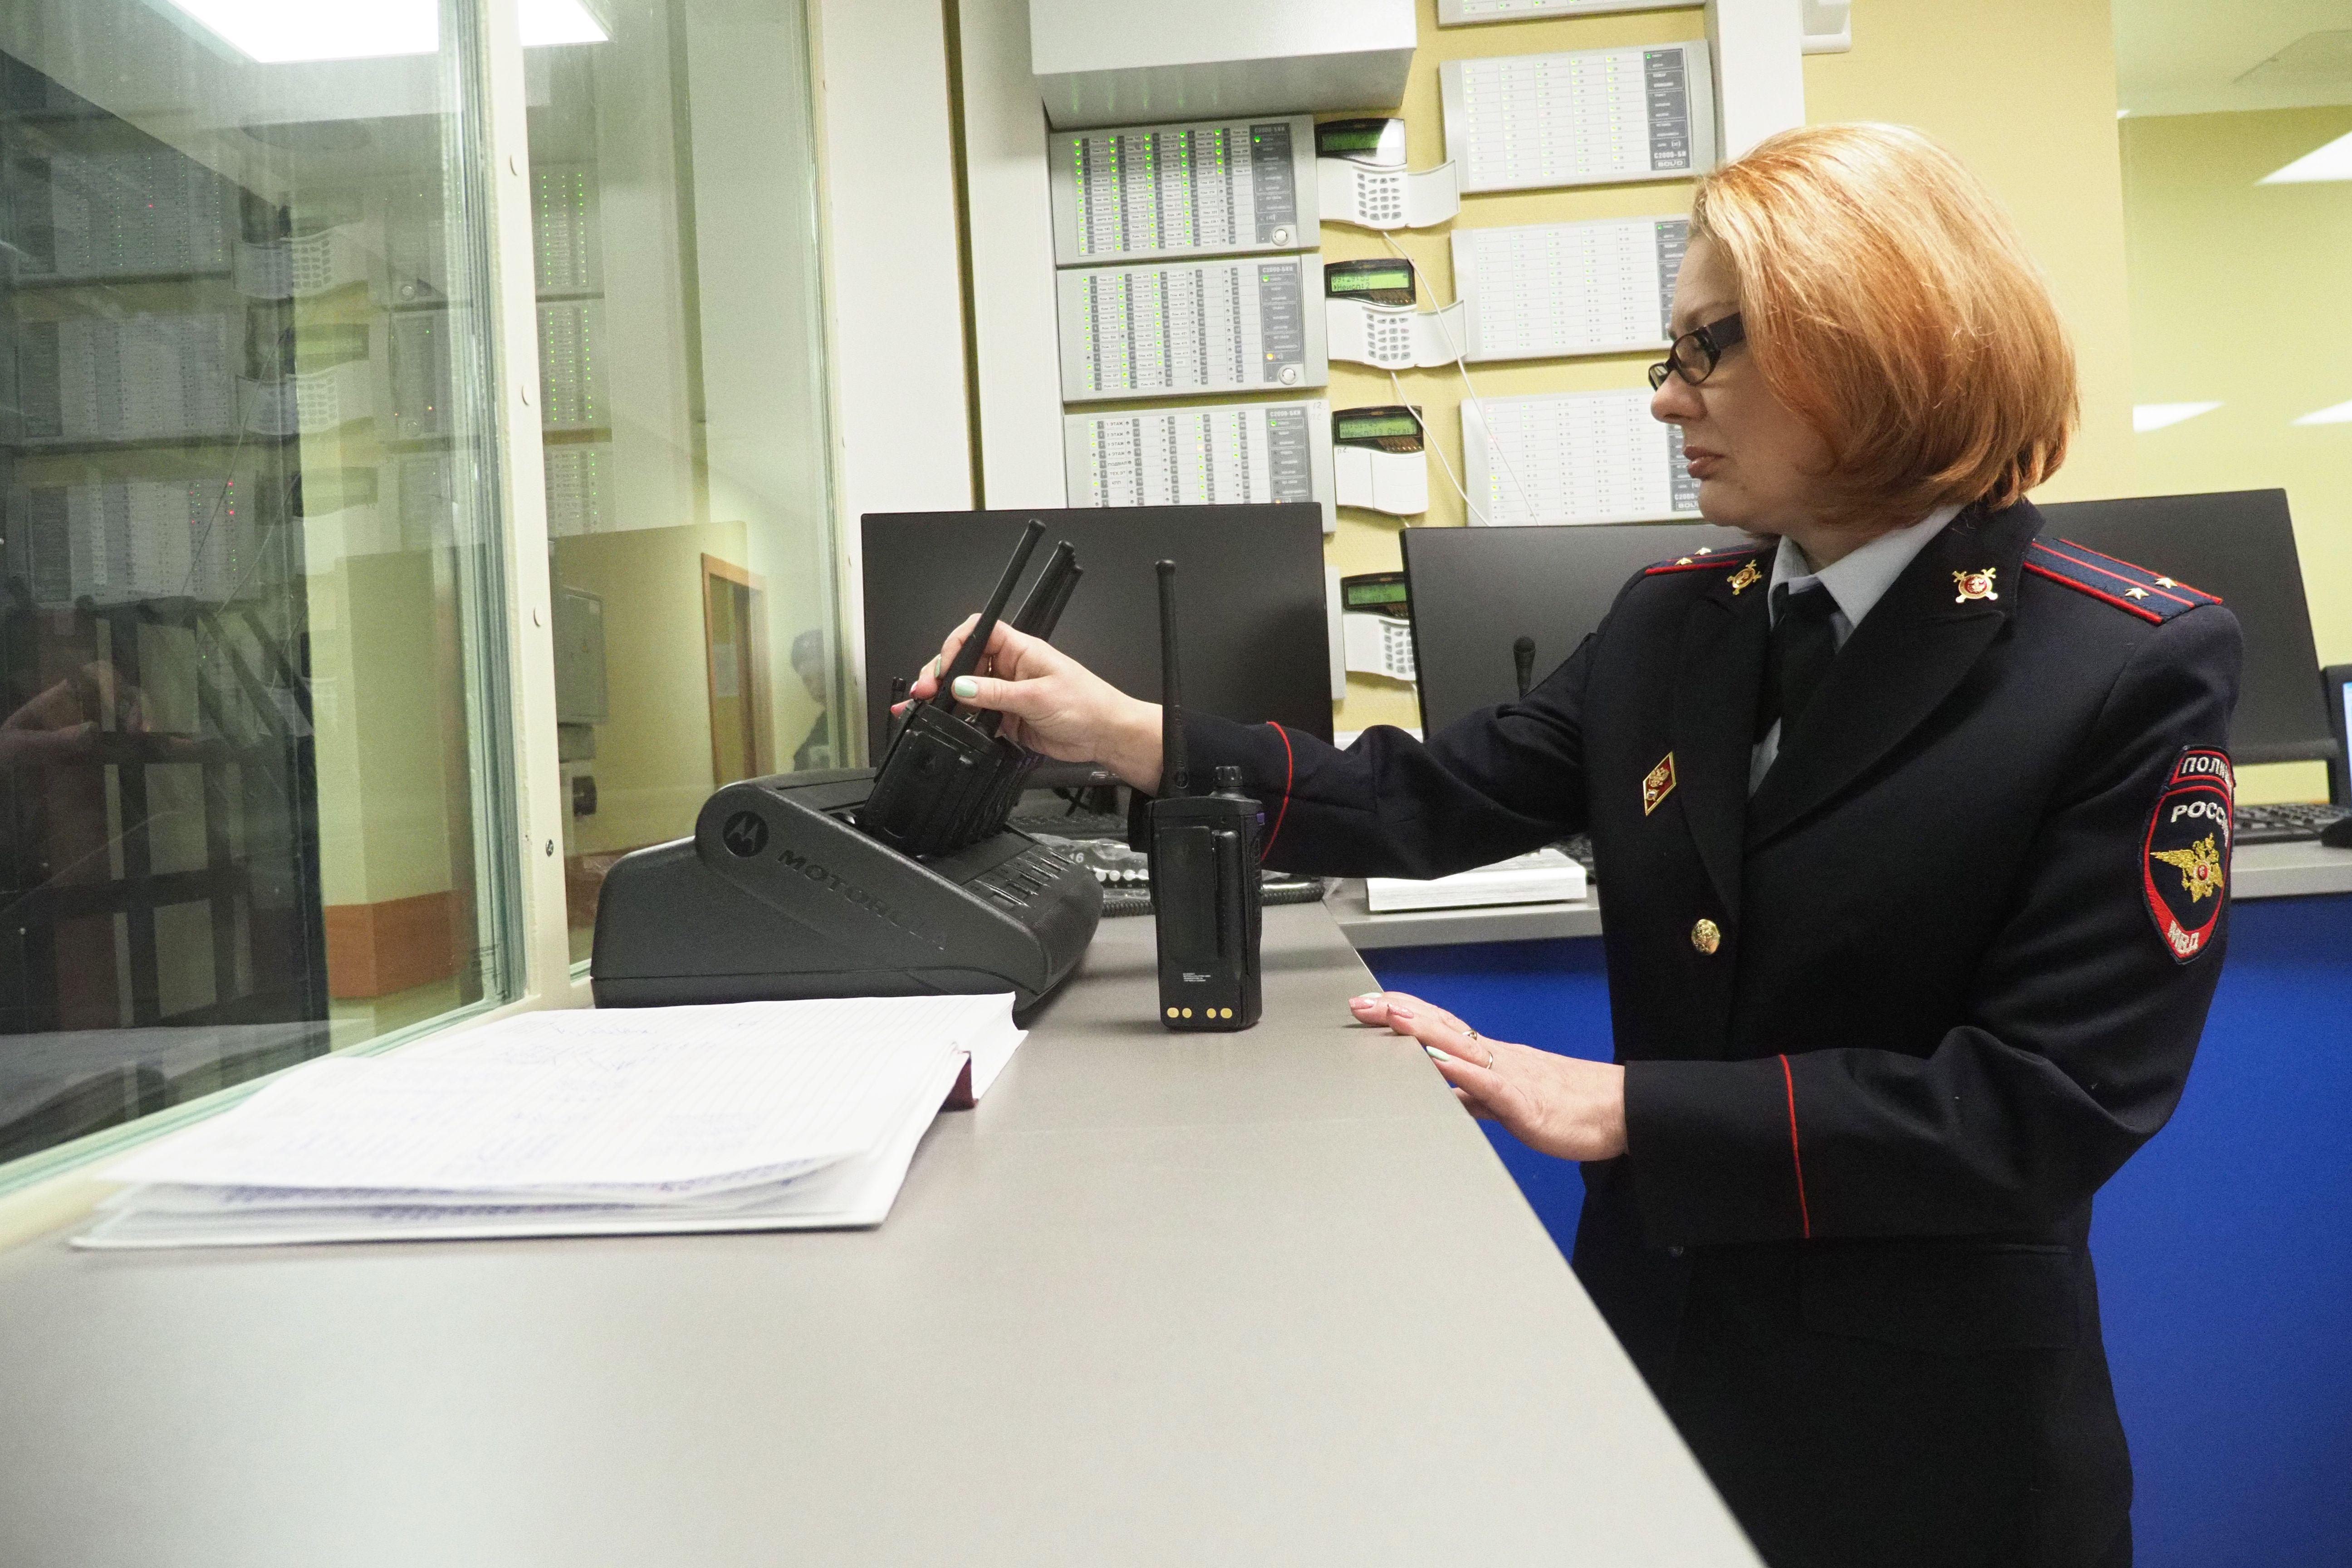 Полицейскими УВД по ЮАО задержана подозреваемая в мошенничестве